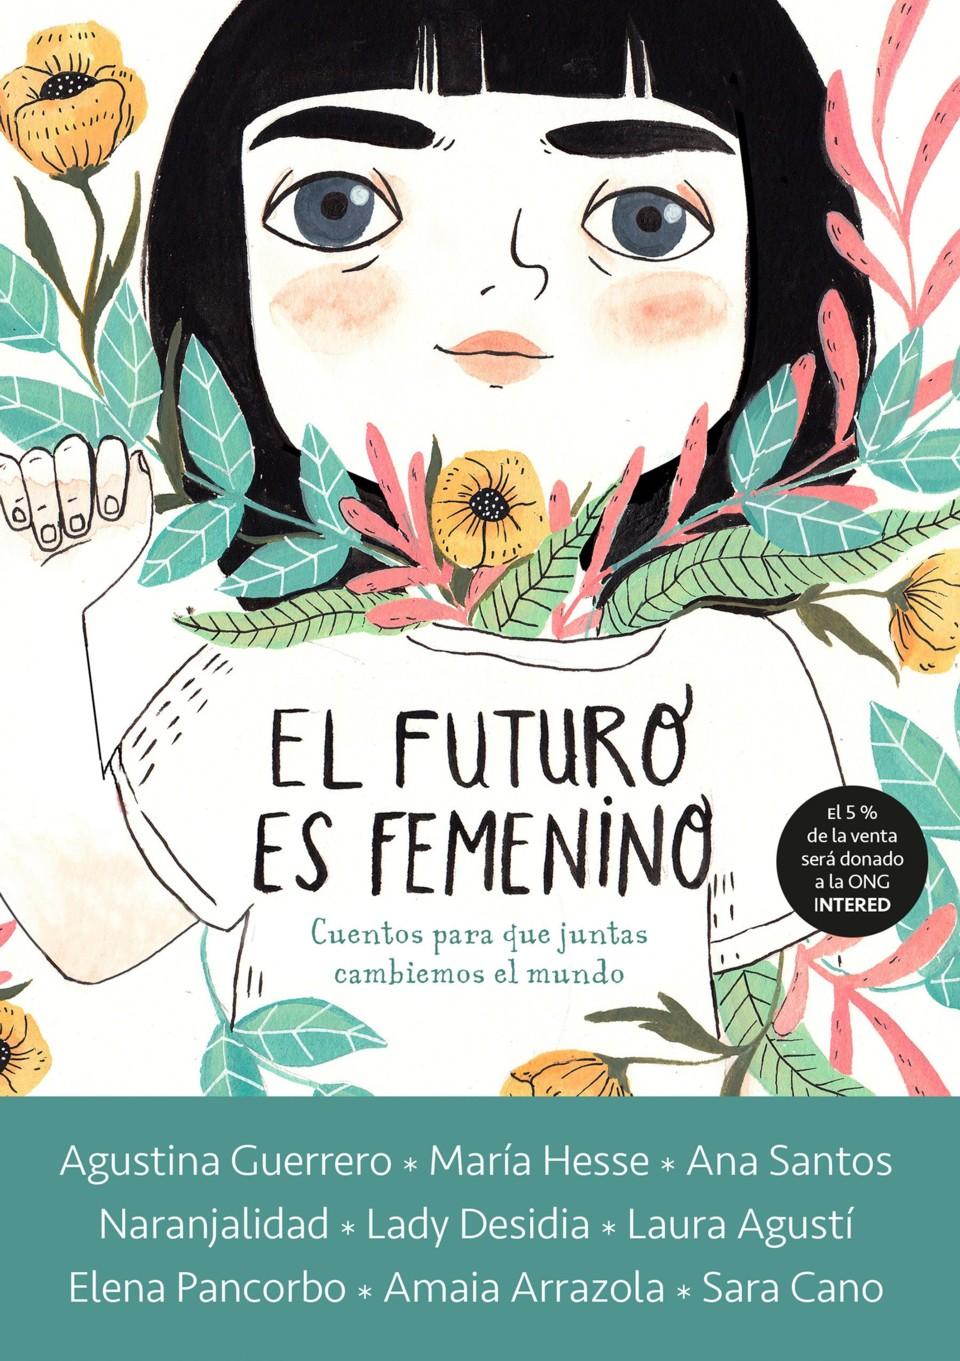 El futuro es femenino: cuentos para que cambiemos el mundo juntas